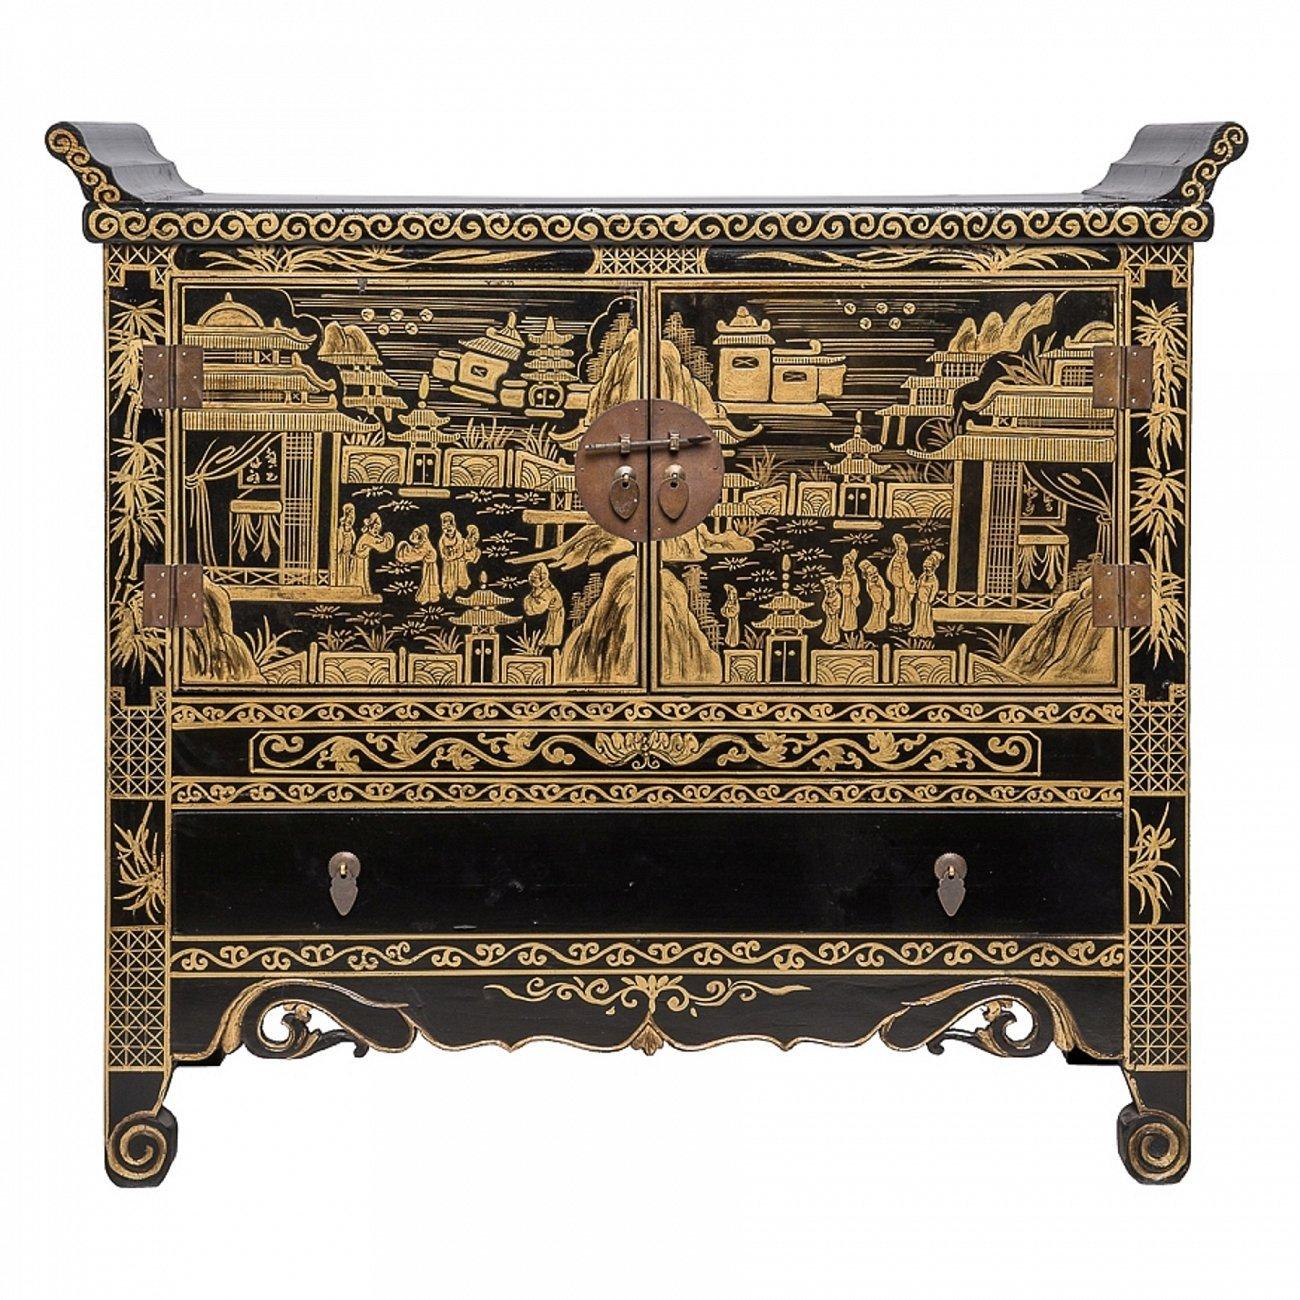 Купить Комод Лянь-эр-чу Чёрный с золотой росписью в интернет магазине дизайнерской мебели и аксессуаров для дома и дачи